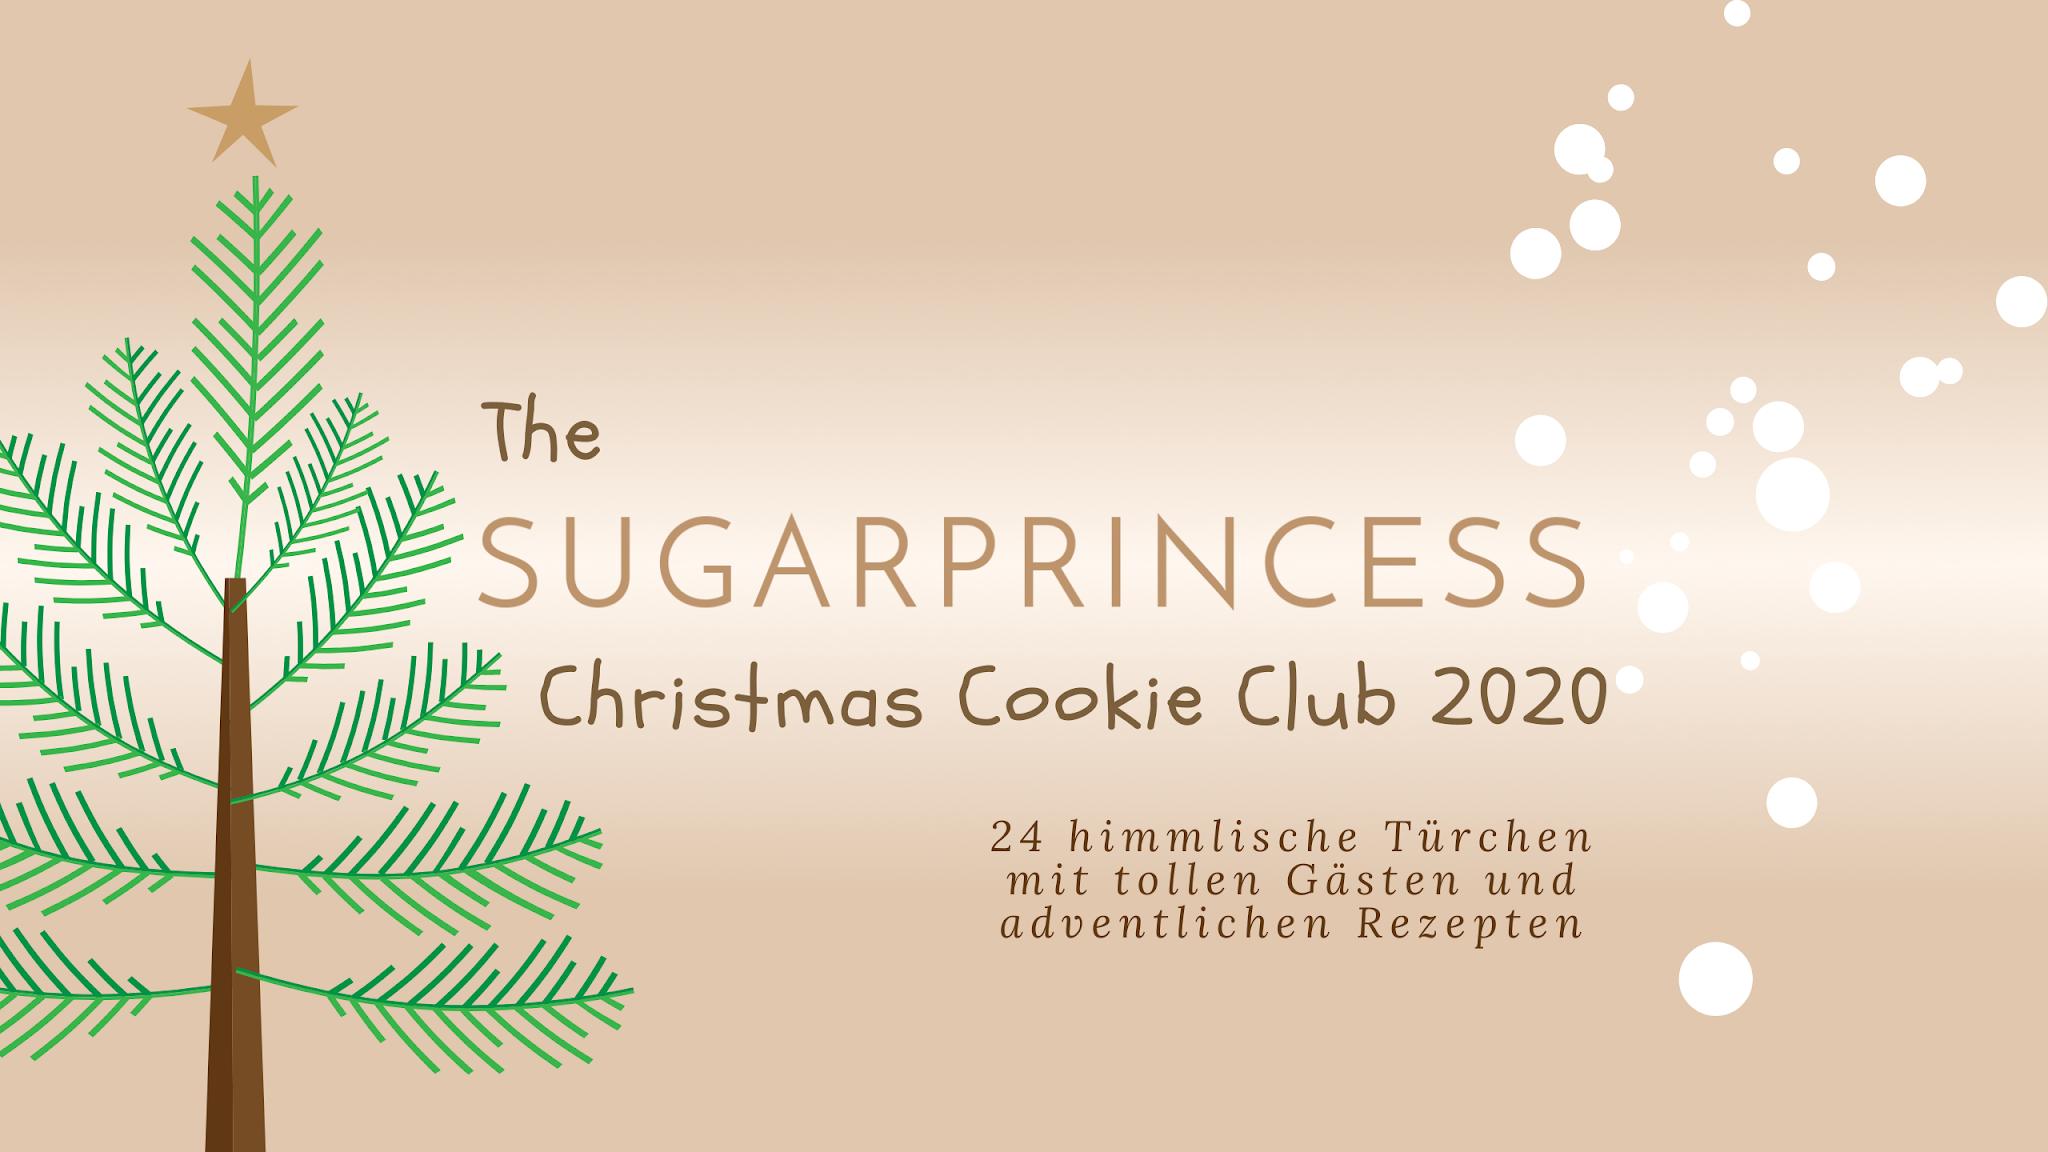 Sugarprincess Christmas Cookie Club 2020:Himmlischer Stollen-Hefeschnecken-Kuchen von Die Küchenzuckerschnecke | SCCC 2020: Türchen Nr. 1 | Gewinnspiel